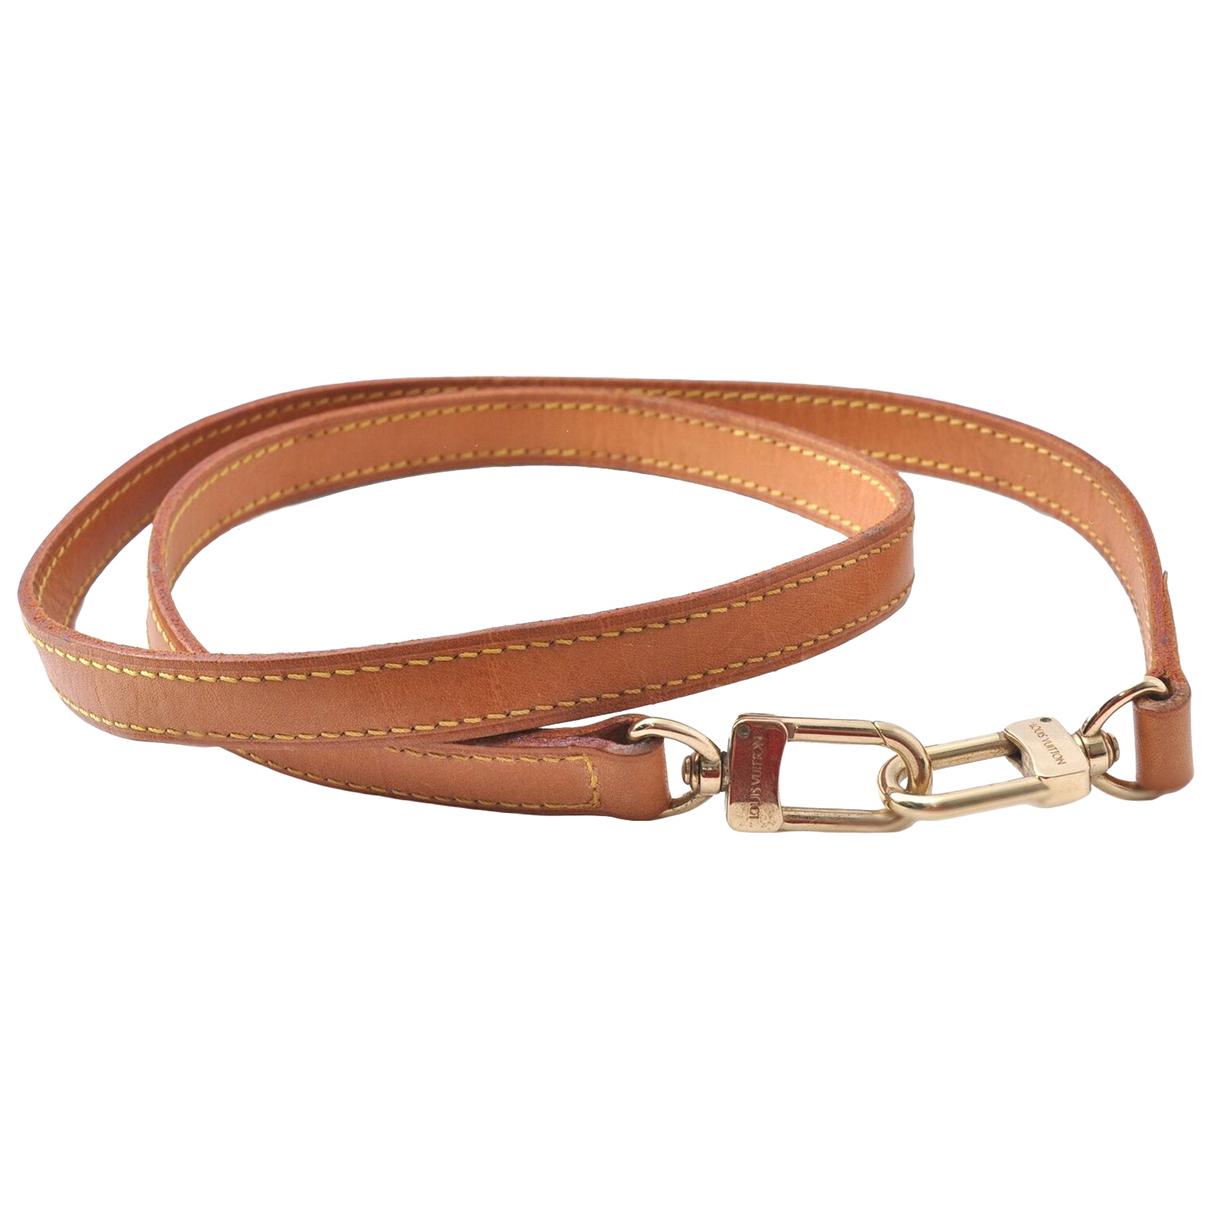 Louis Vuitton \N Handtasche in  Beige Leder